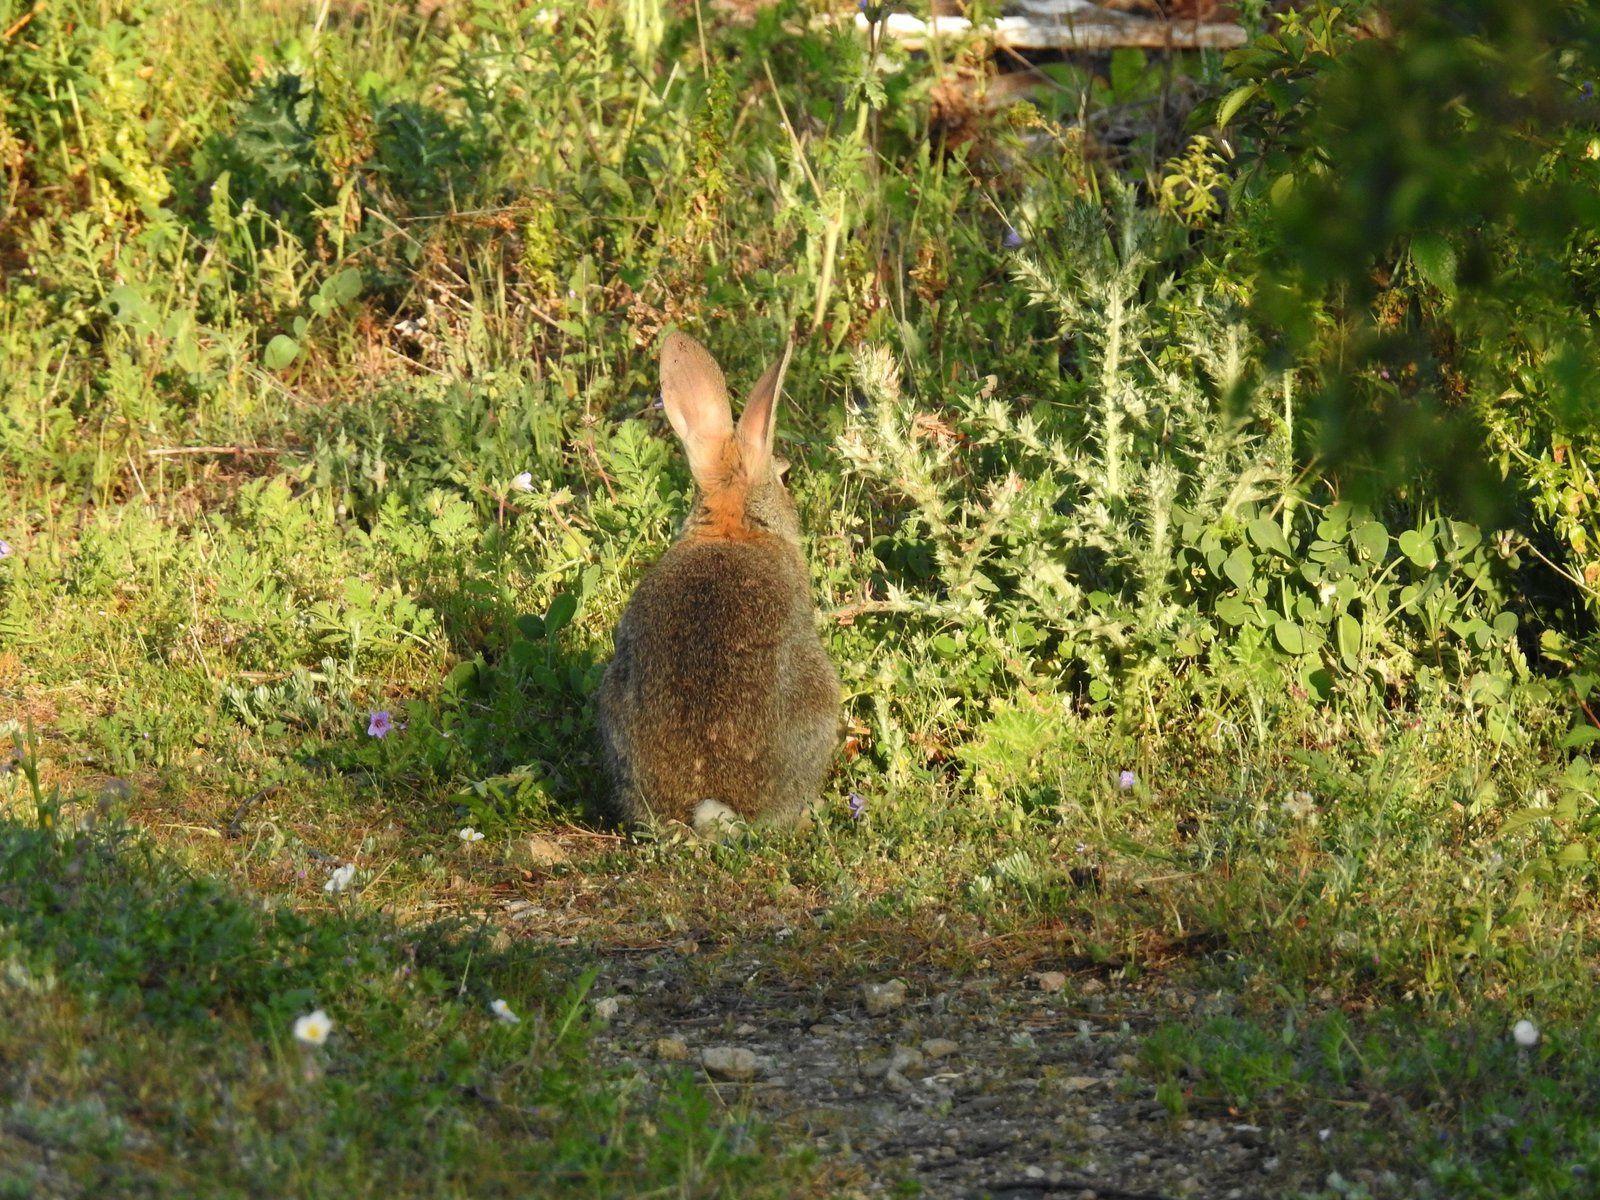 Les lapins de garenne de la garrigue de Malras